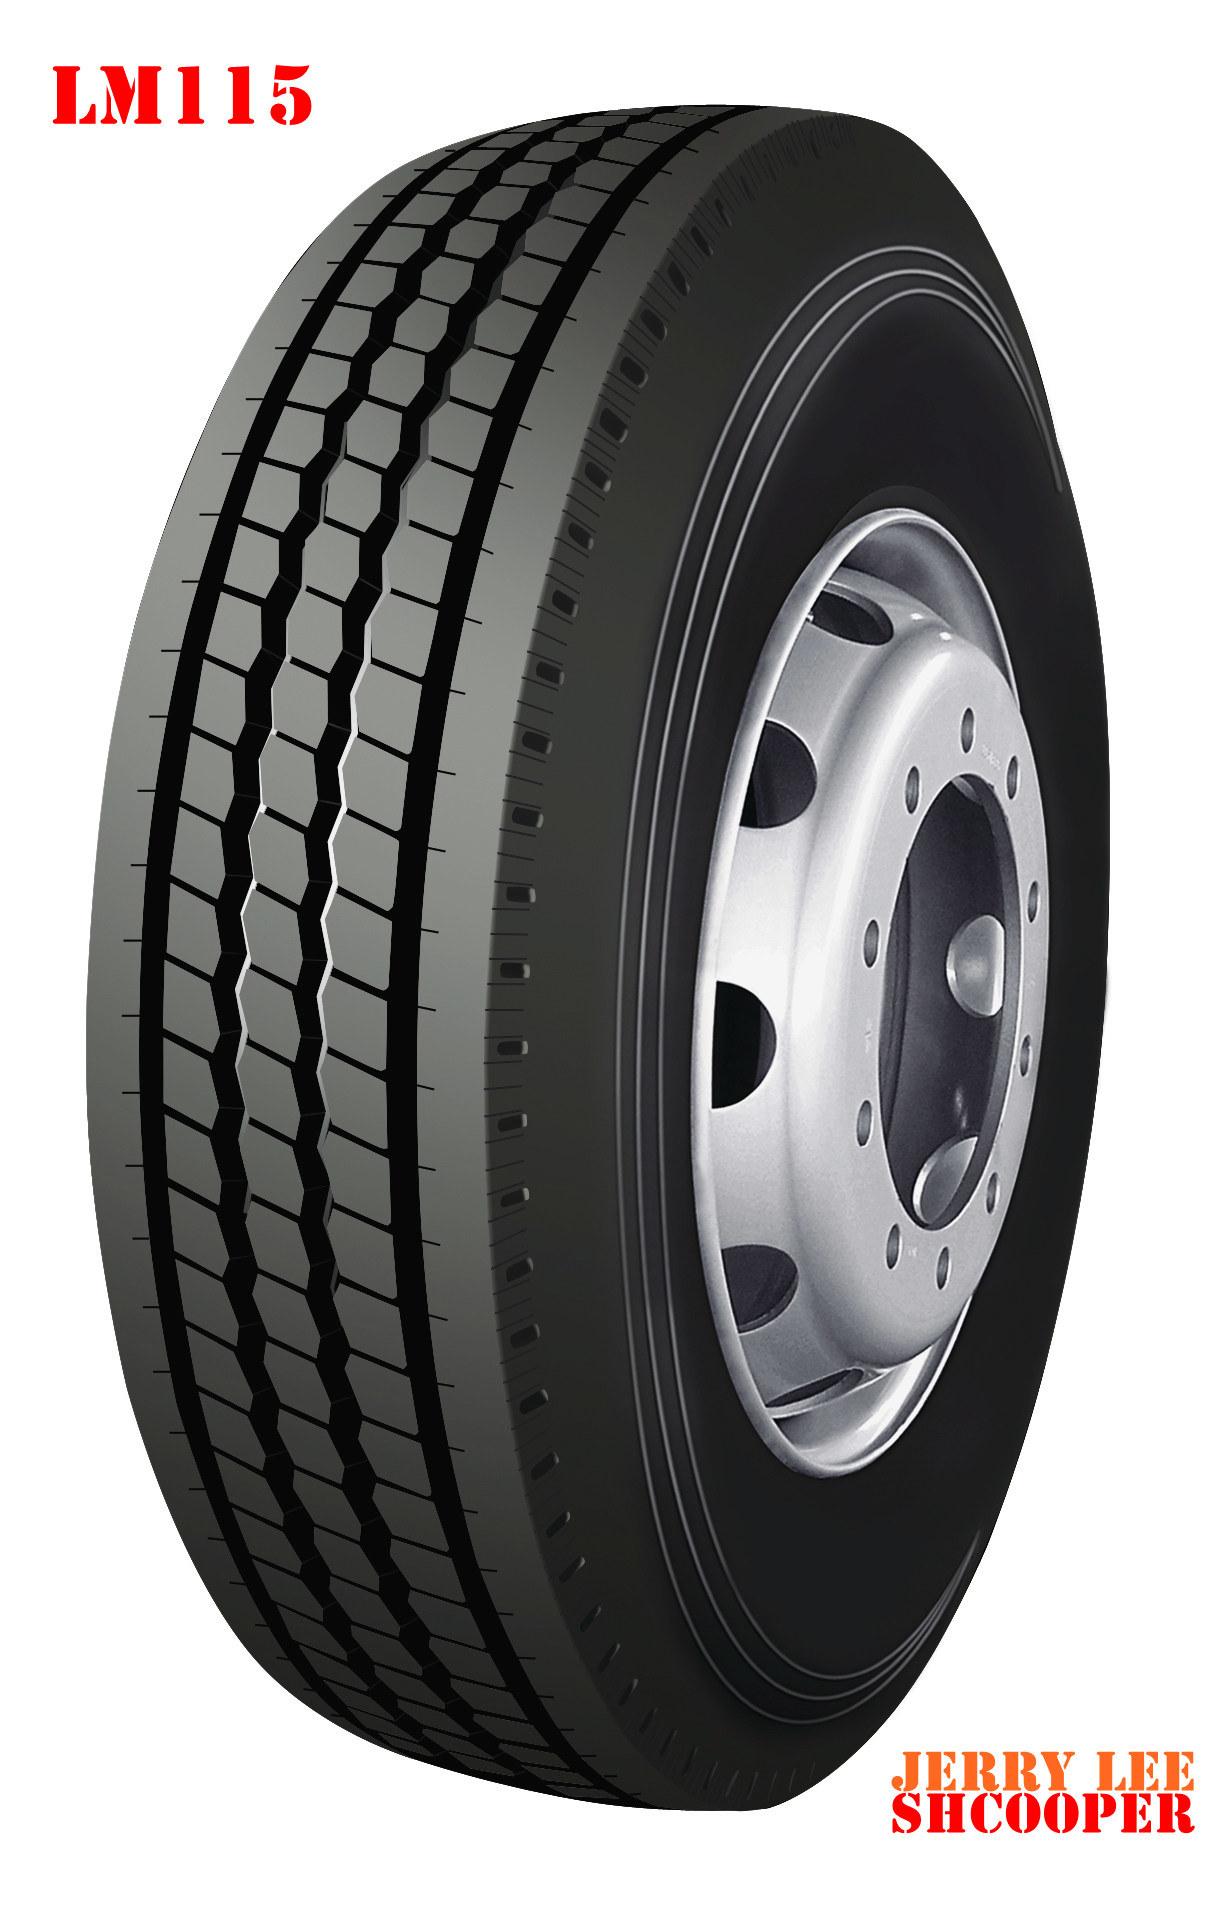 Longmarch/Roadlux Drive/Steer/Trailer Truck Tire (LM115)